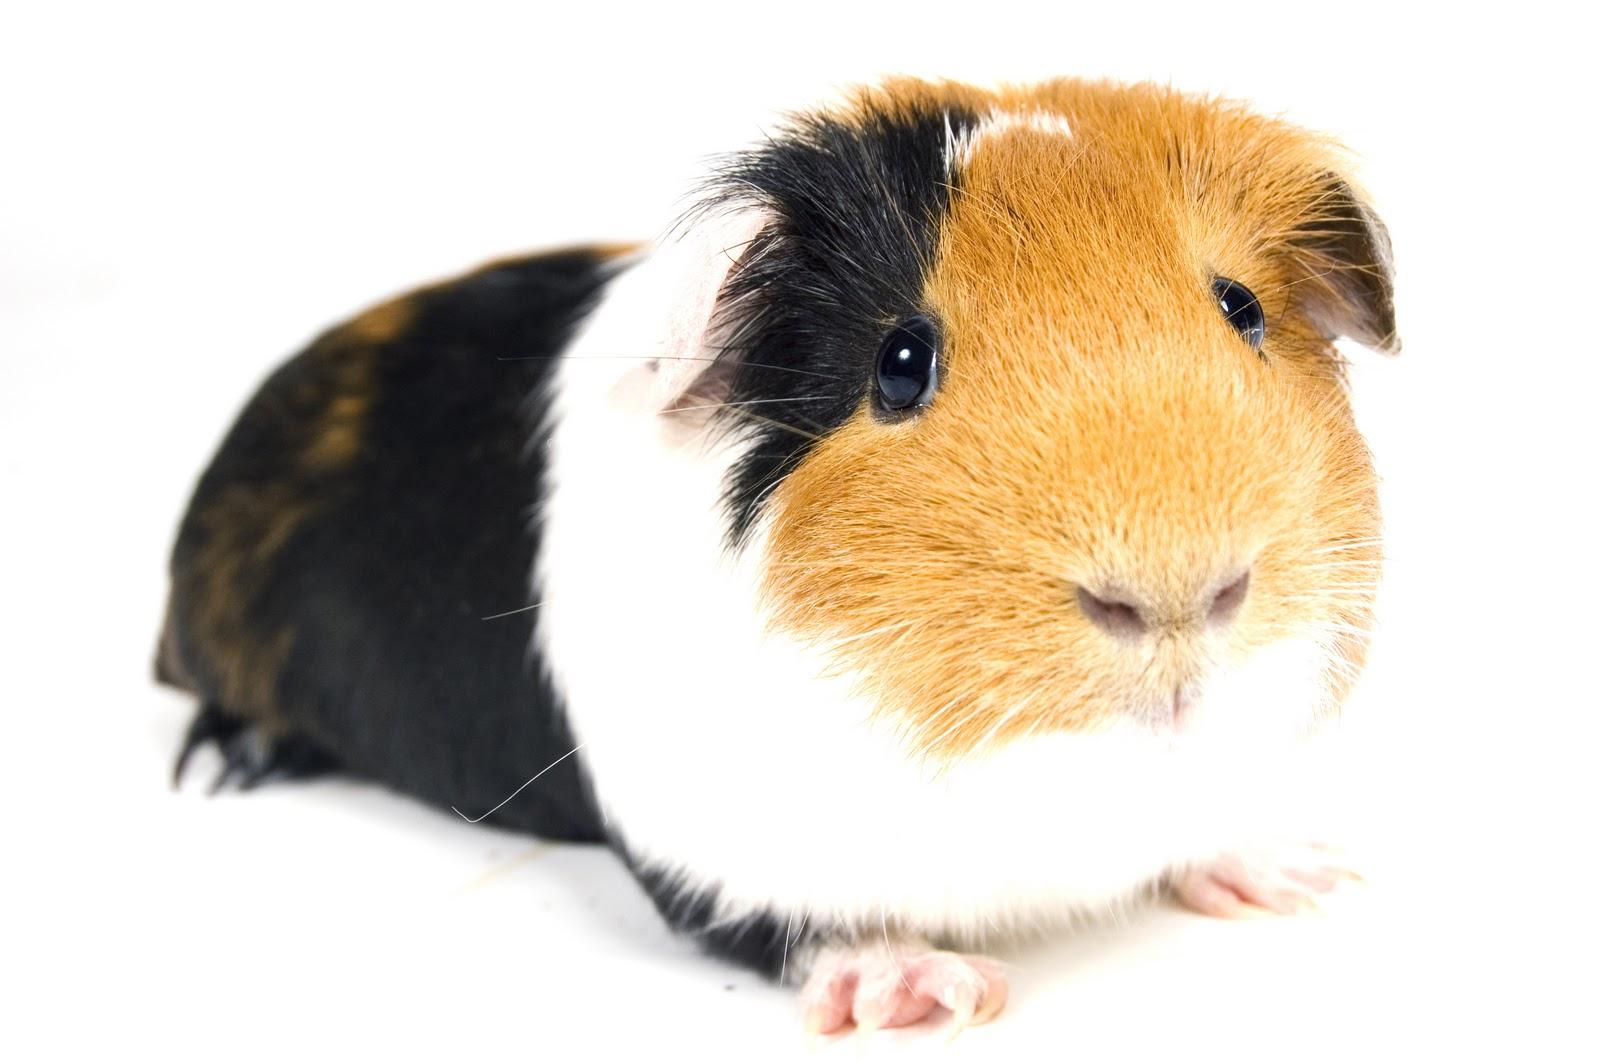 Guinea pig wallpapers wallpapersafari - Pig wallpaper cartoon pig ...